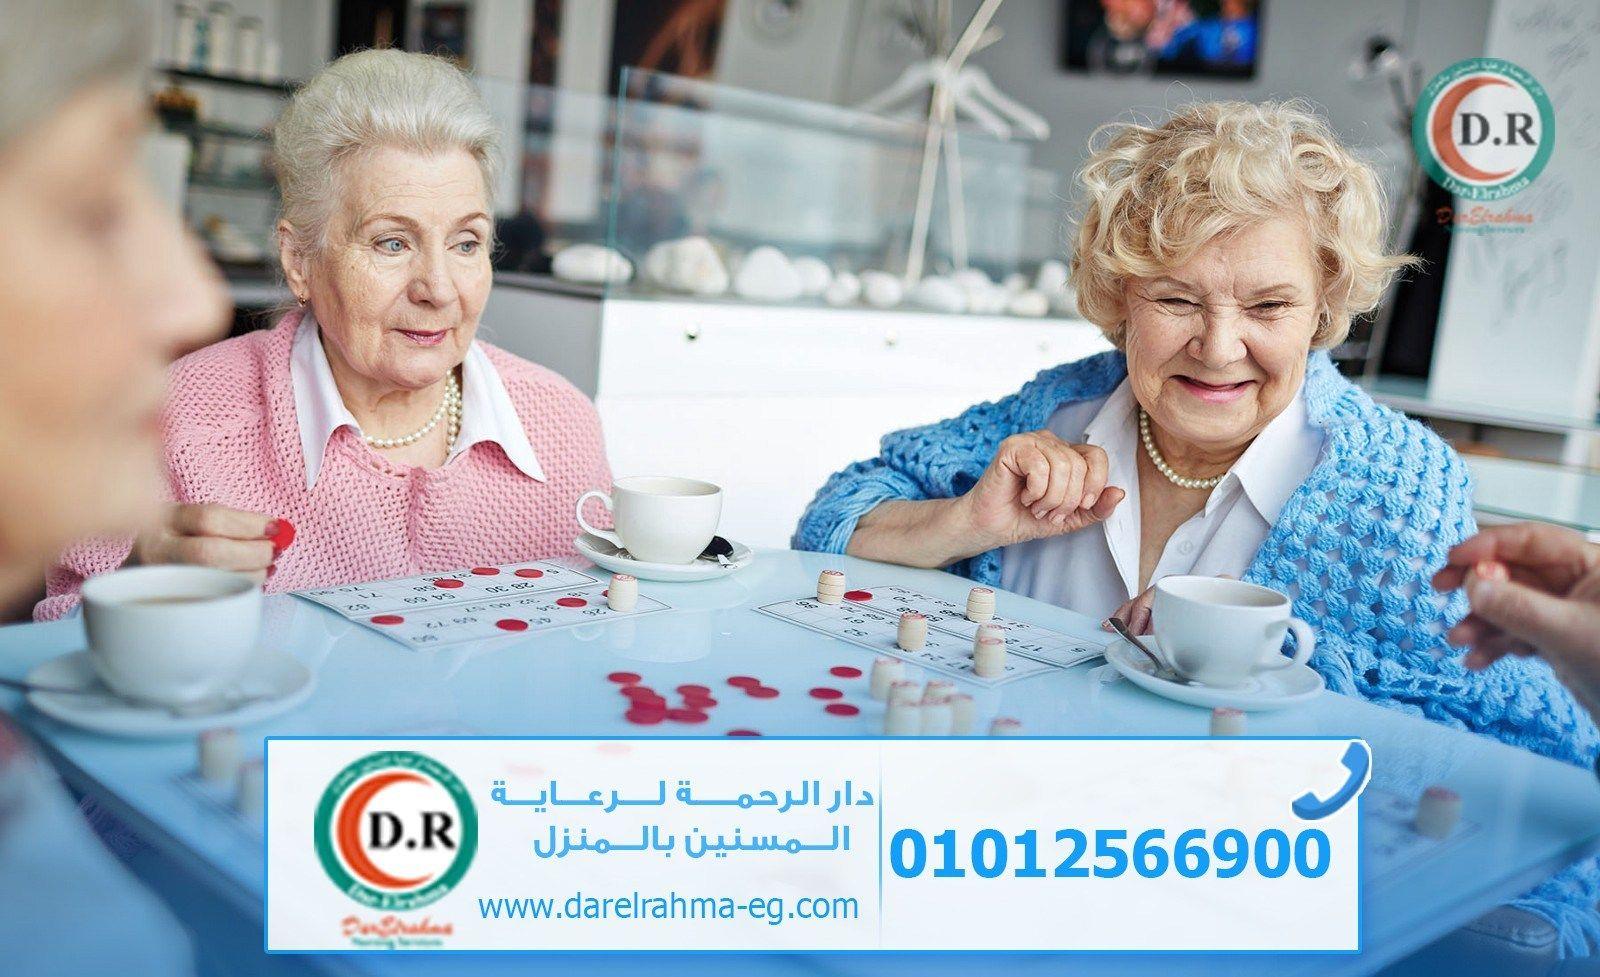 جليسة مسنين في دار مسنين بالقاهرة 01012566900 Https Darelrahma Eg Com D8 Ac D9 84 D9 8a D8 B3 D8 A9 D9 85 D8 B3 D9 86 D9 8a D9 86 D9 81 Ioi Doctor Poster